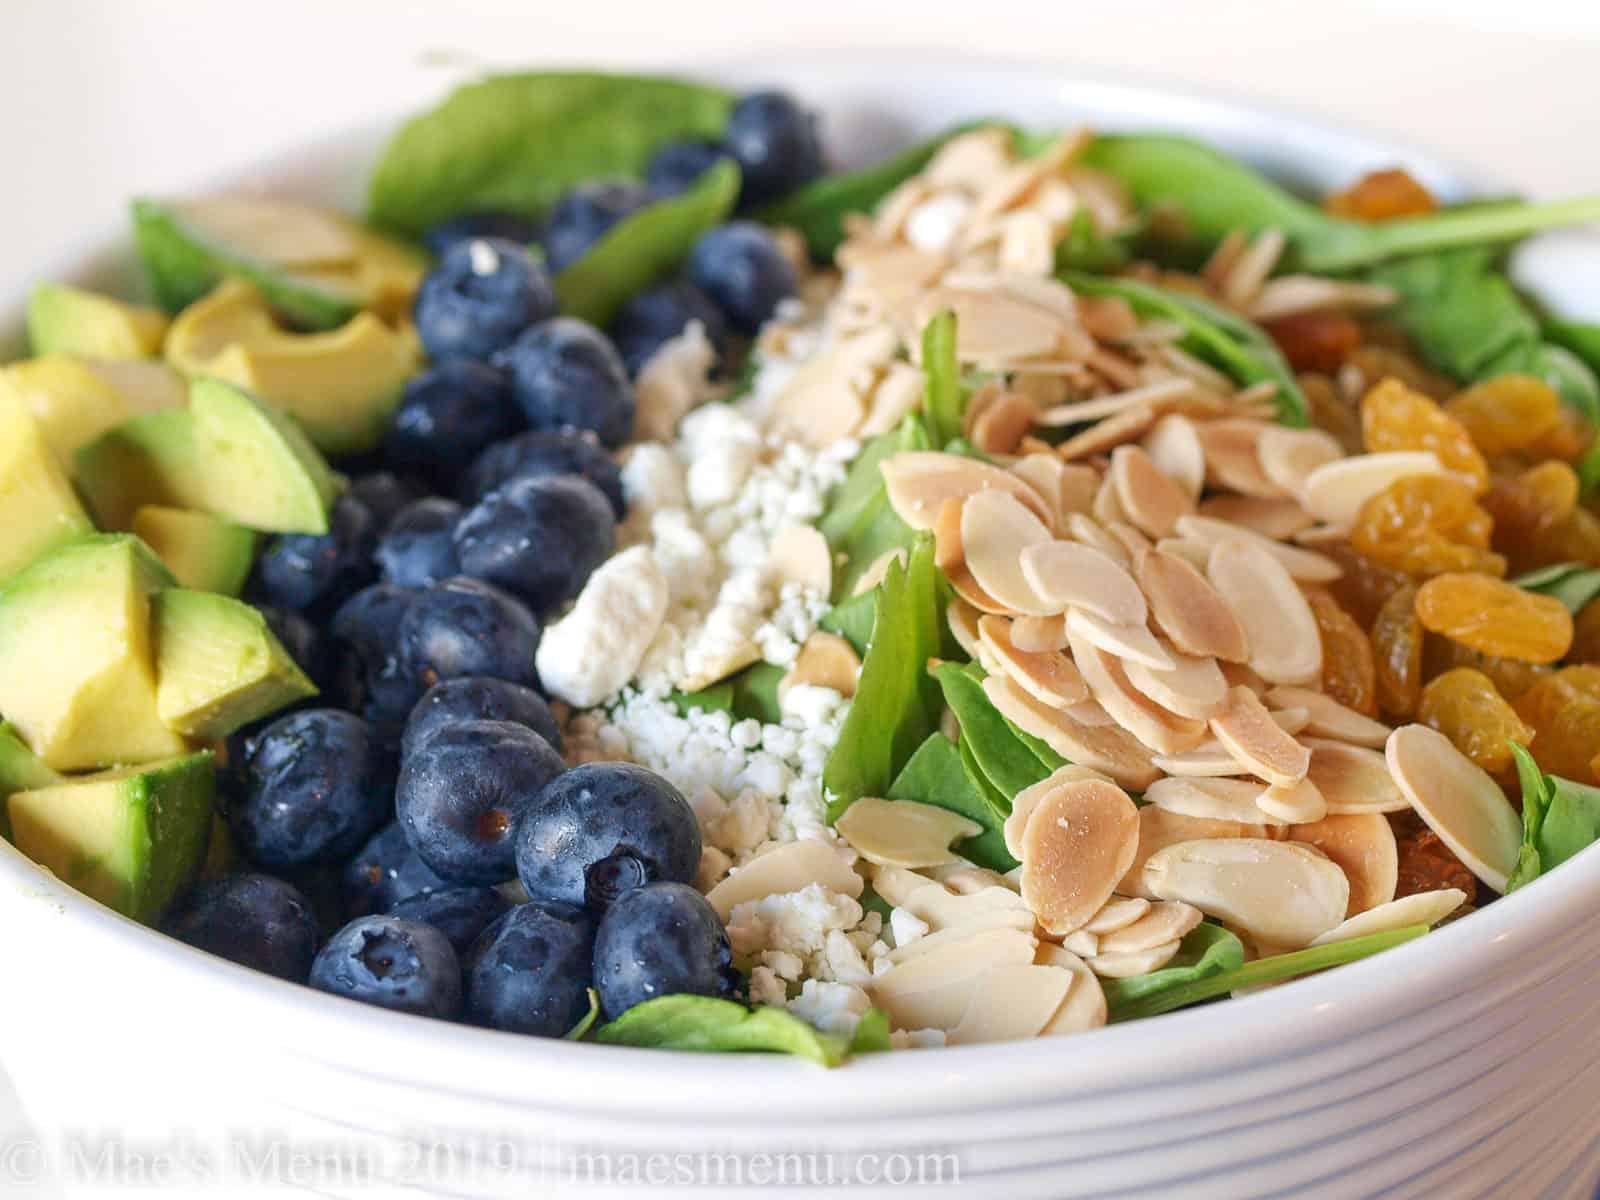 Up-close shot of Blueberry & Avocado Spinach Salad.